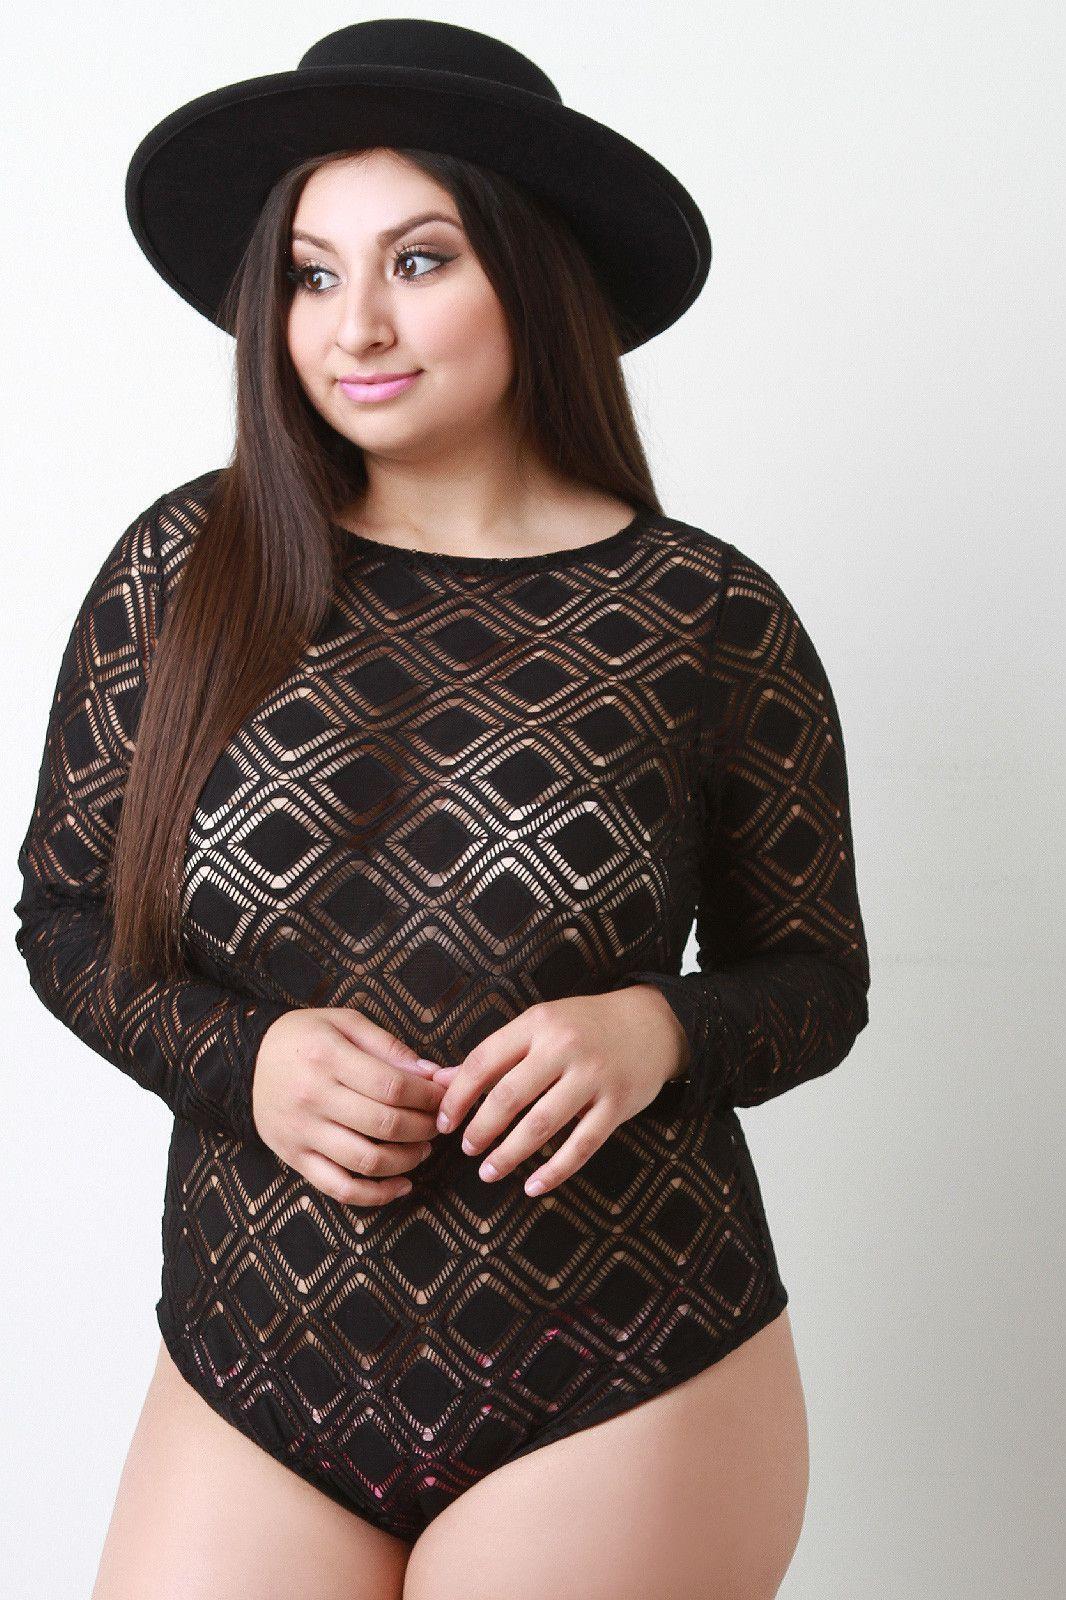 Description this plus size bodysuit is mesh design